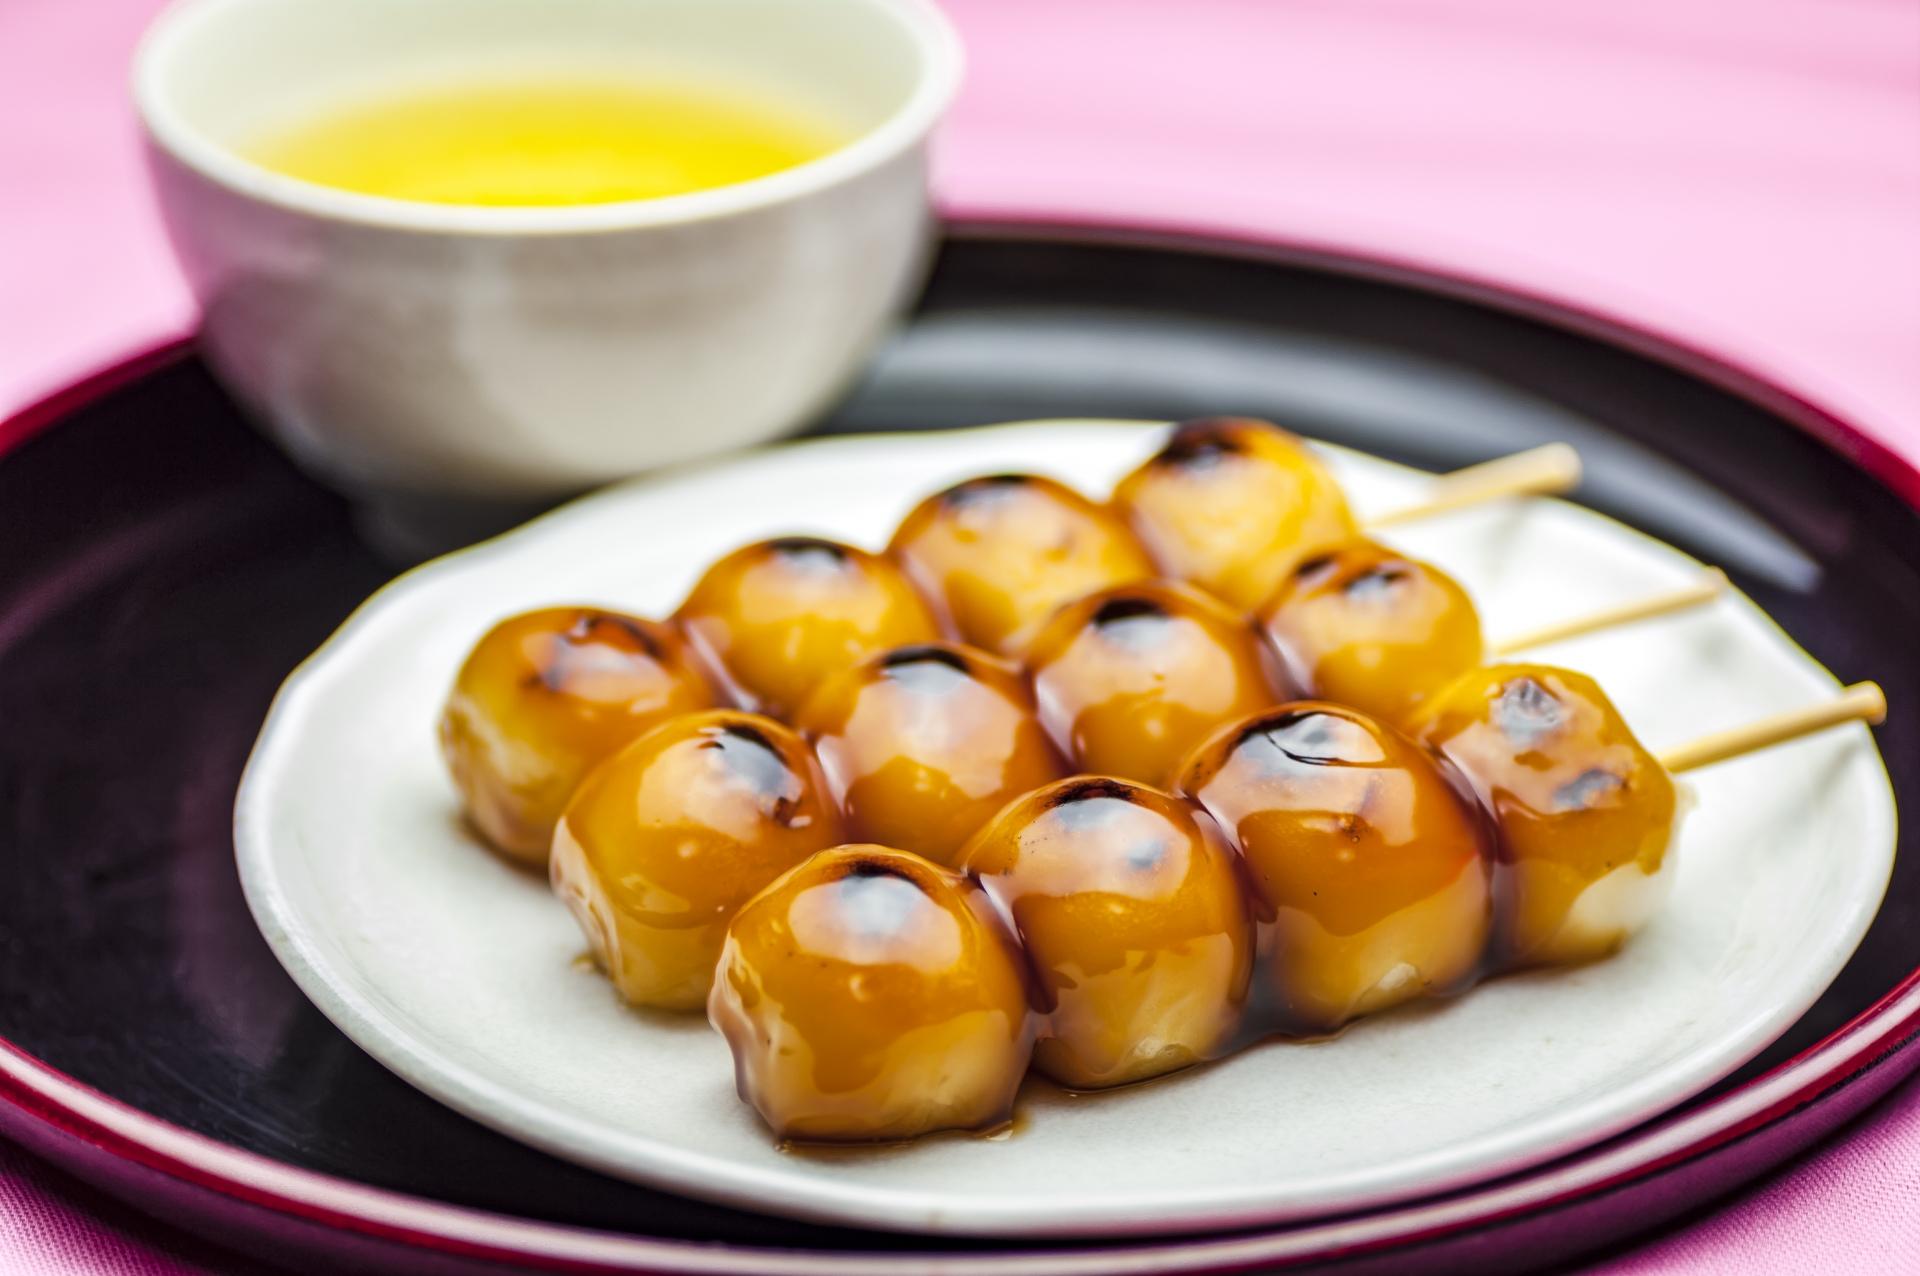 【お茶の作法】飲み方や茶菓子の食べ方と知っておきたいマナー